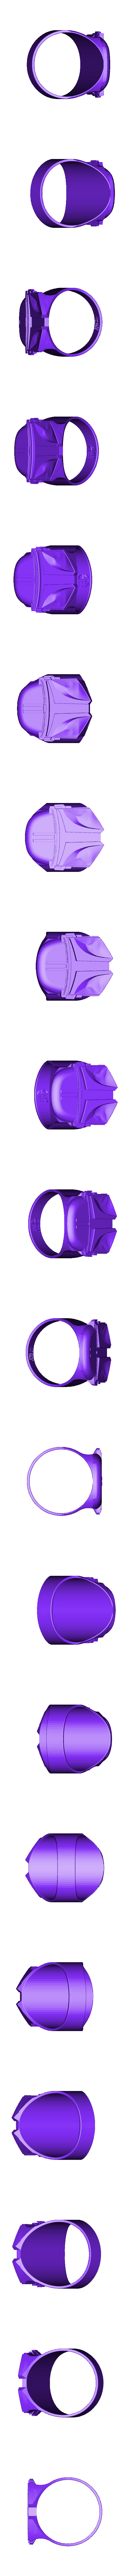 Mandalorian_Ring_19mm.obj Télécharger fichier OBJ gratuit Anneau mandalorien • Modèle imprimable en 3D, quaddalone